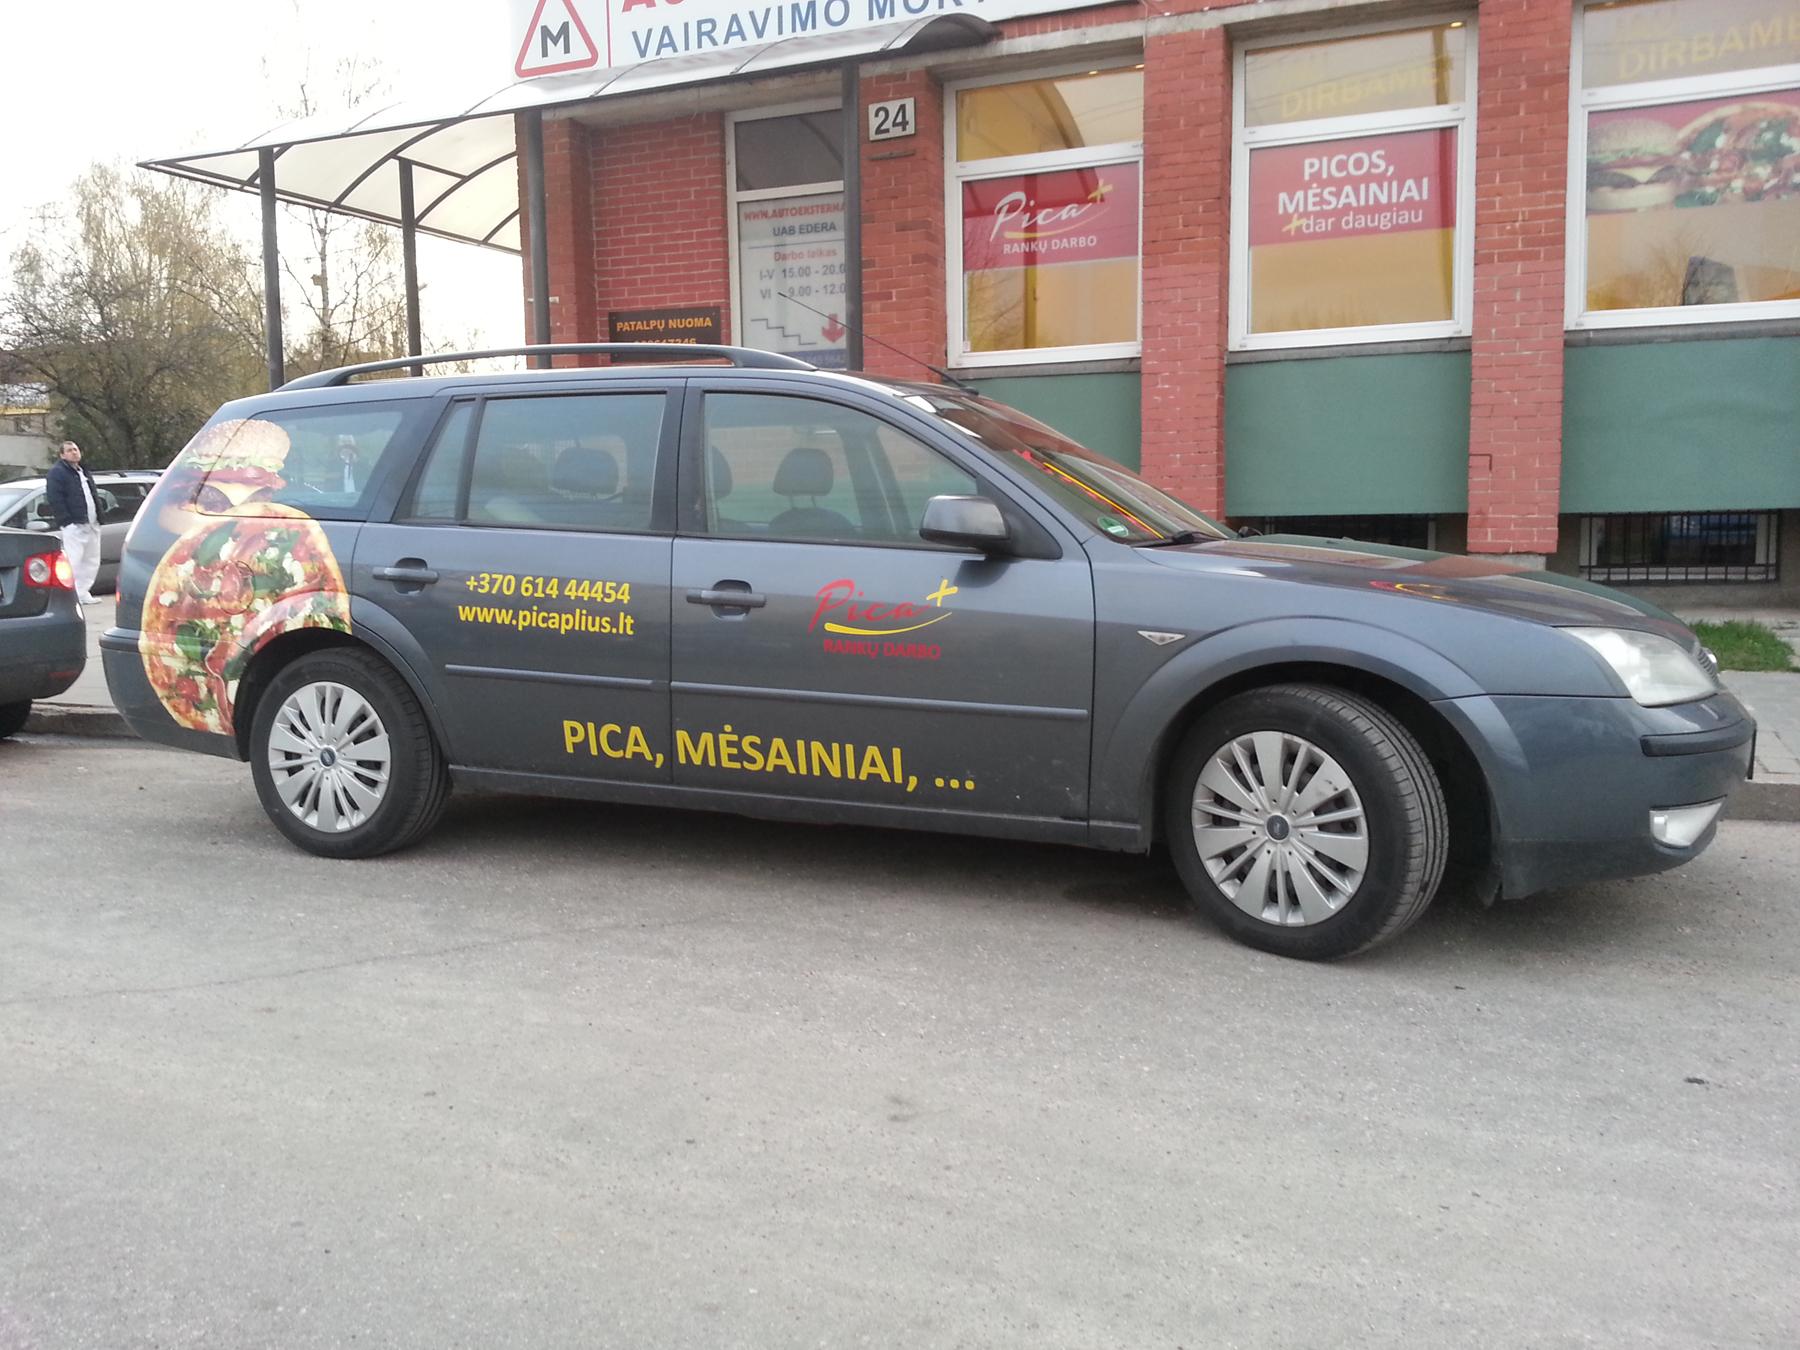 Automobilio apklijavimas fotoplakatais ir logotipais is lipnios pleveles ORACAL 551 serijos